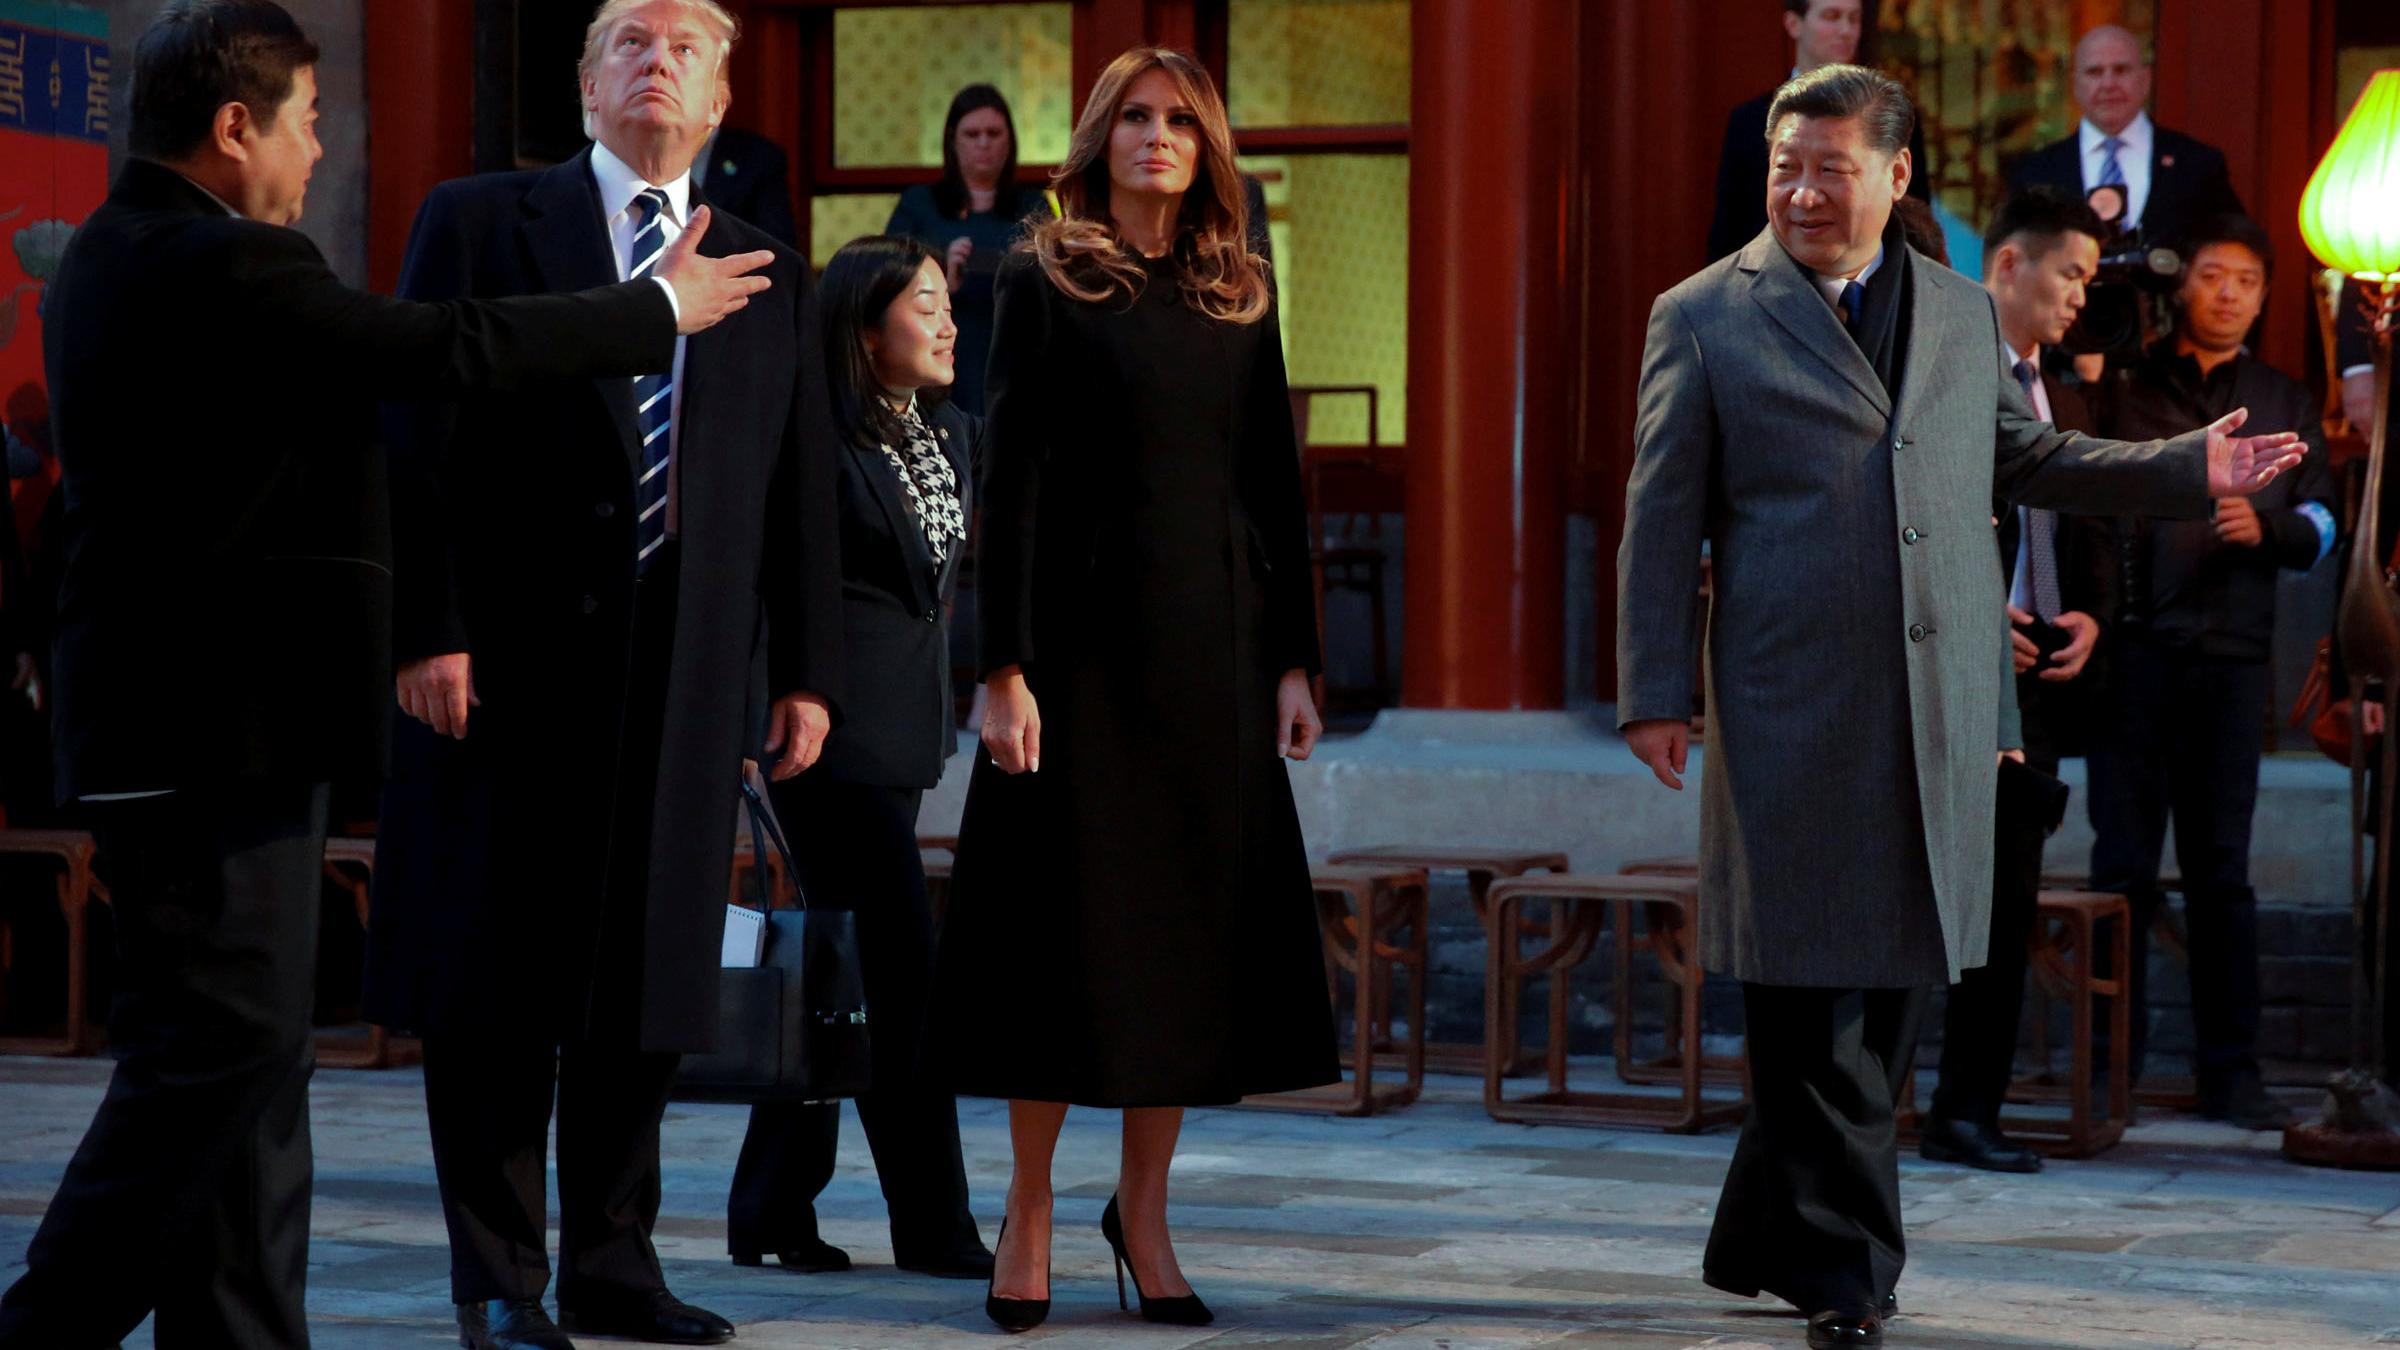 美国总统特朗普总统夫妇和中国国家主席习近平夫妇一起在紫禁城观看京剧演出。(美联社)